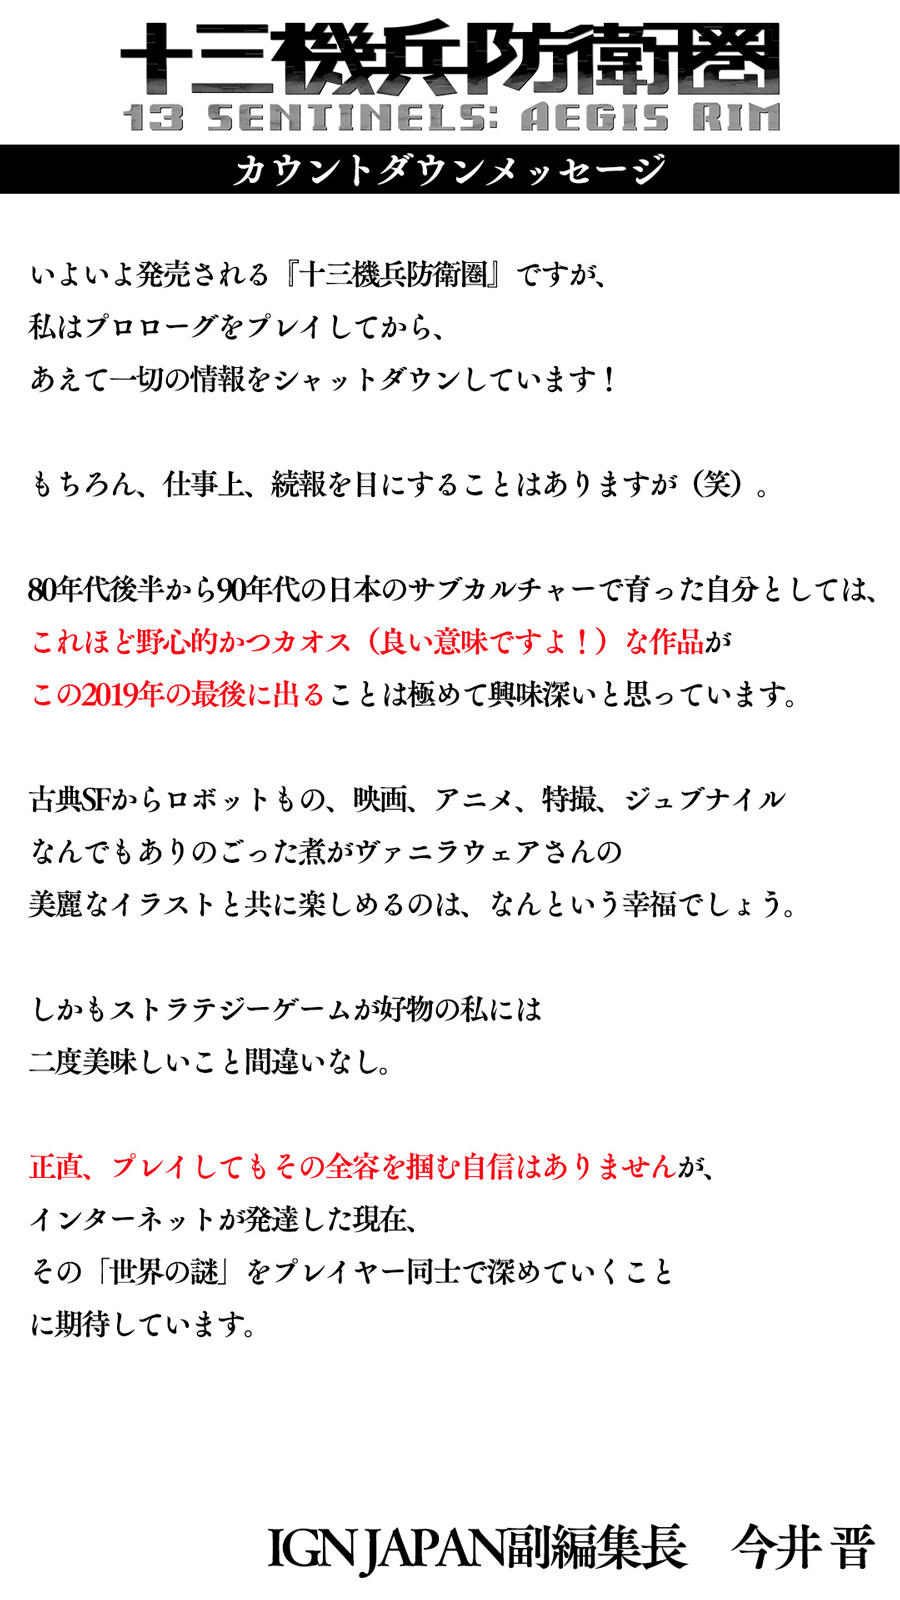 ign japan imai - 電ファミニコゲーマー「十三機兵防衛圏は狂気的に傑作すぎる。ヤバいですよこれは」